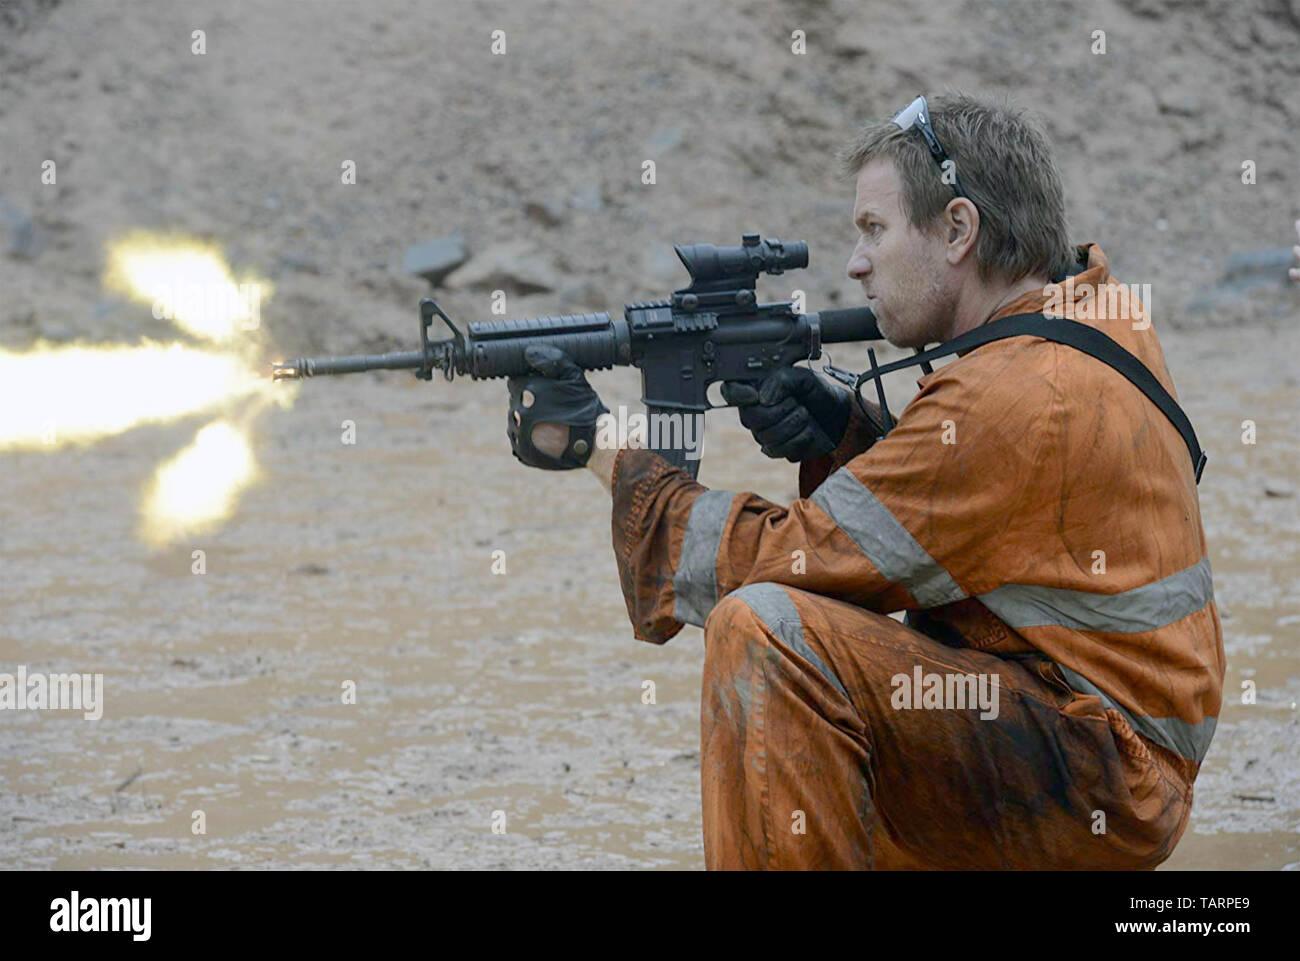 SON OF A GUN 2014 film avec Ewan McGregor Photo Stock